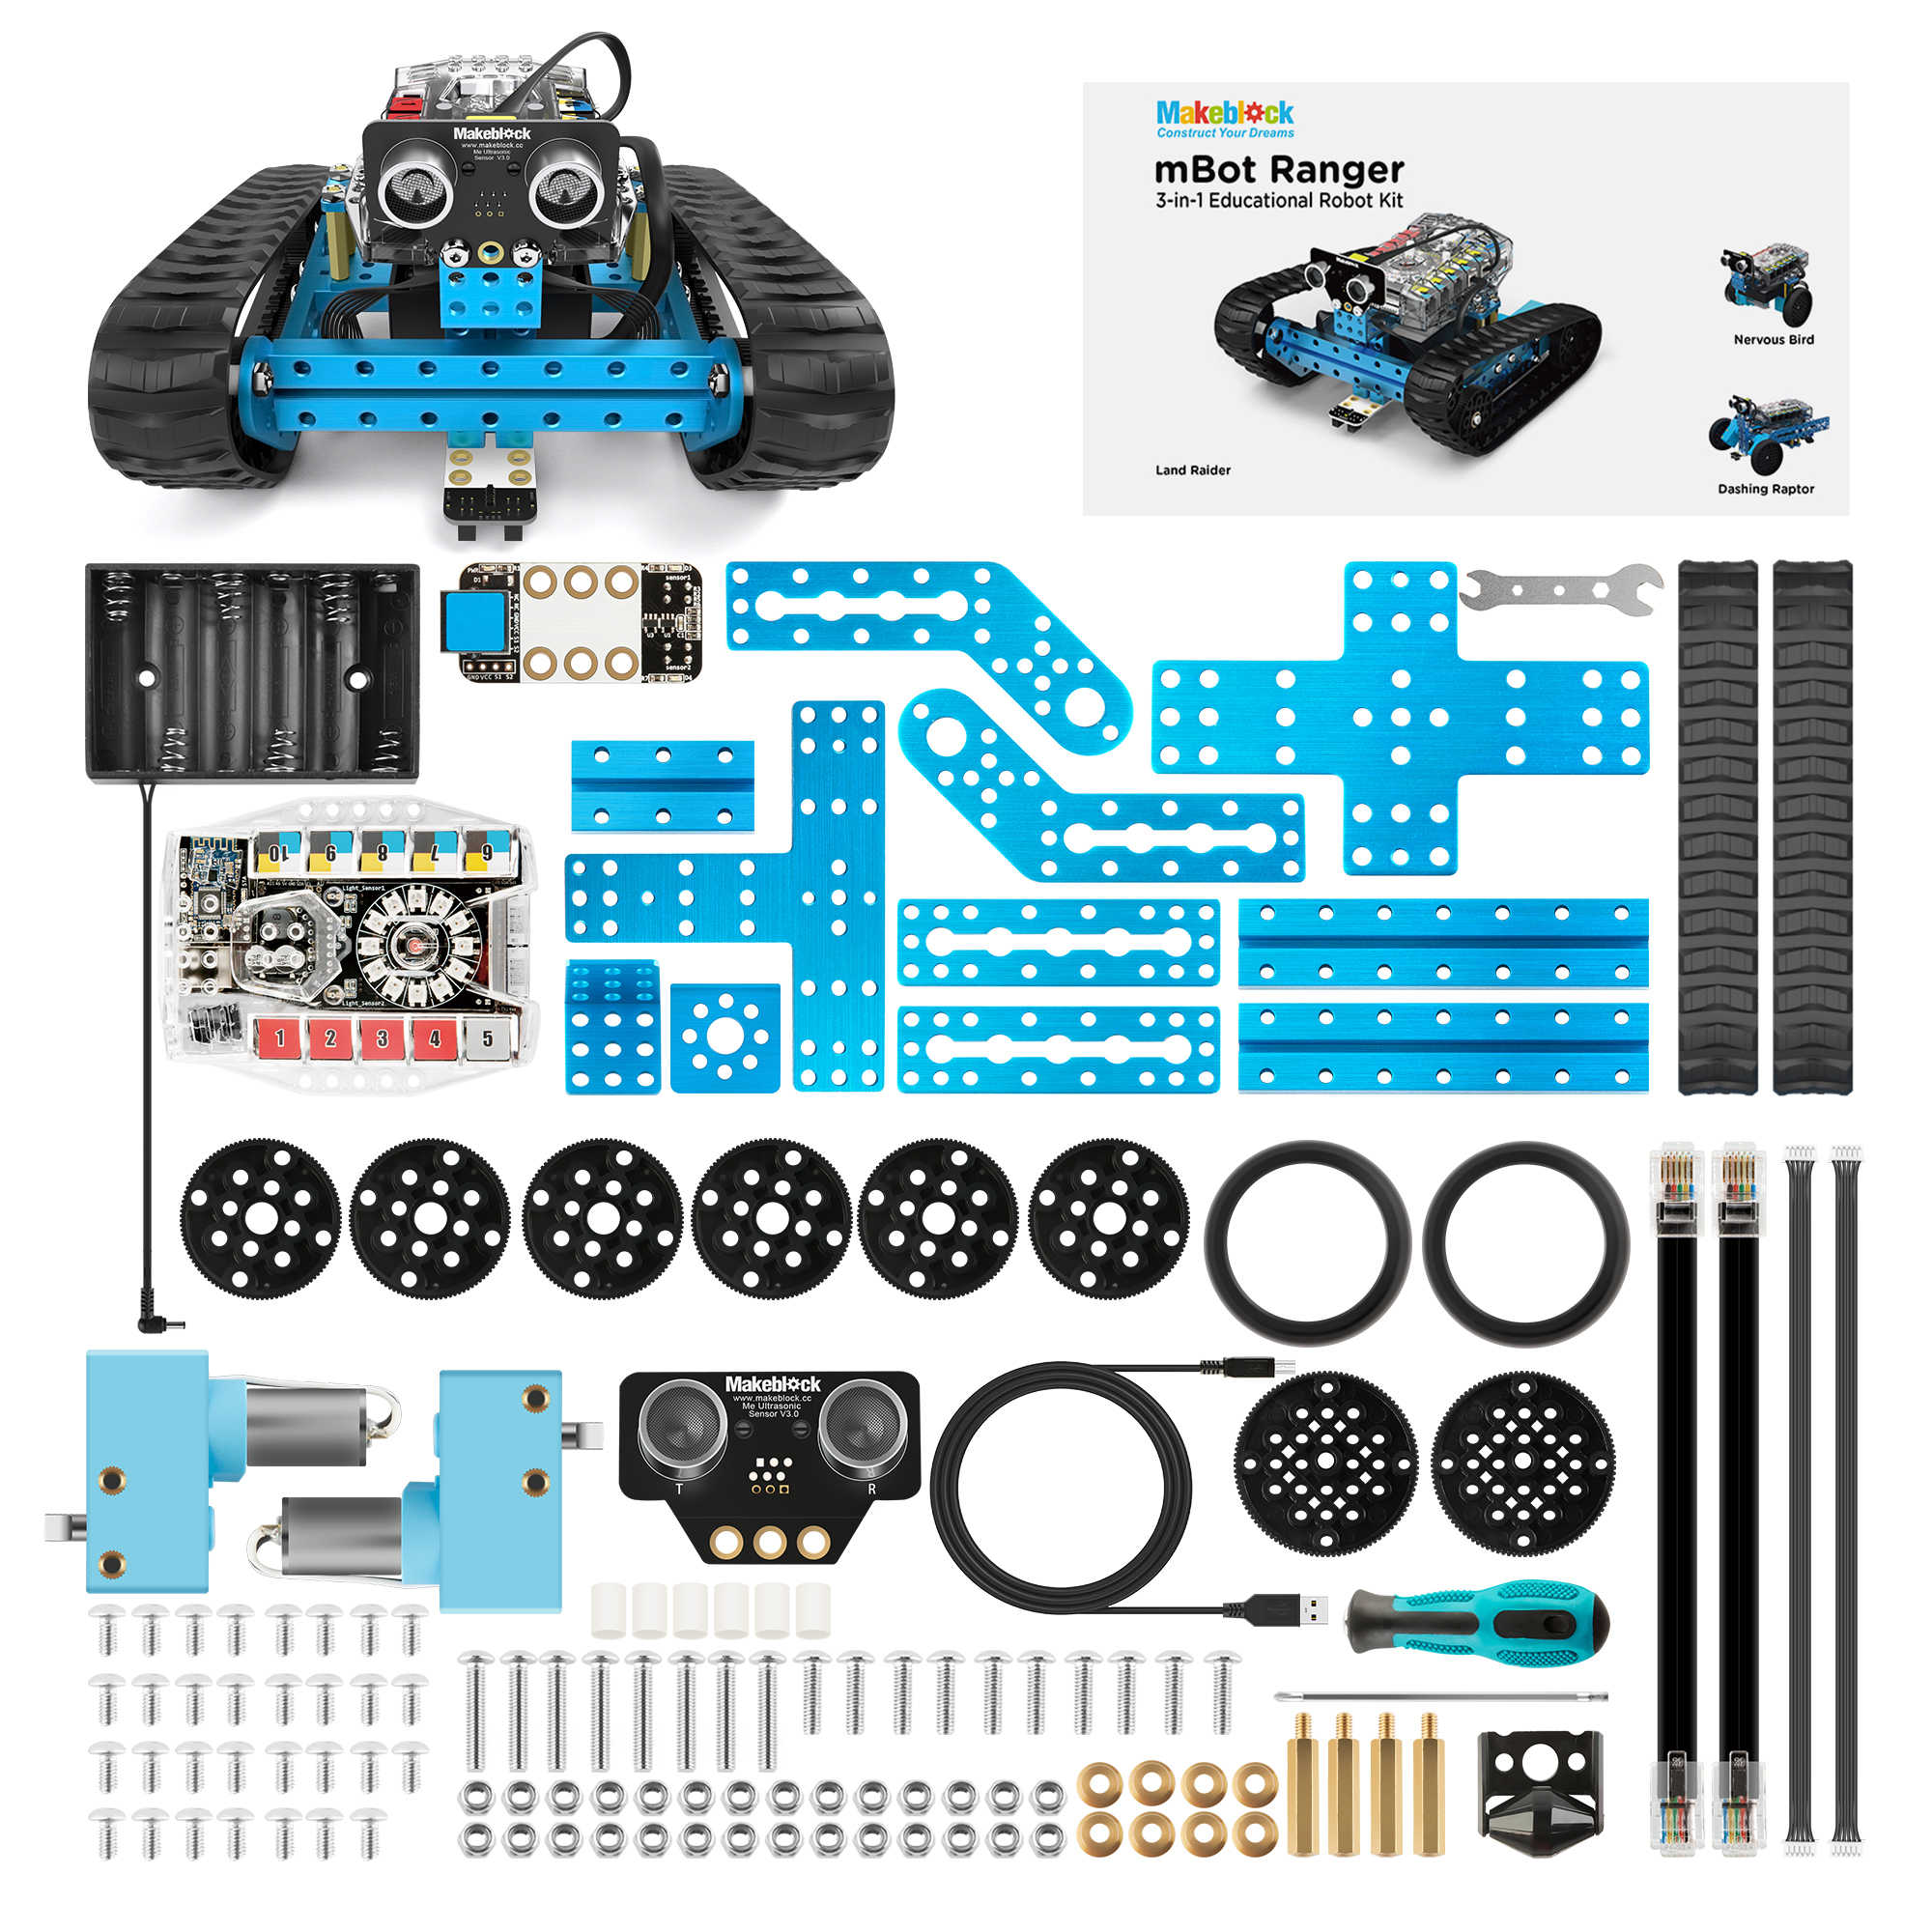 Kit de Robot Makeblock mBot Ranger programable, Arduino, educación STEM, robótica Programable 3 en 1 para niños, edad 12 +